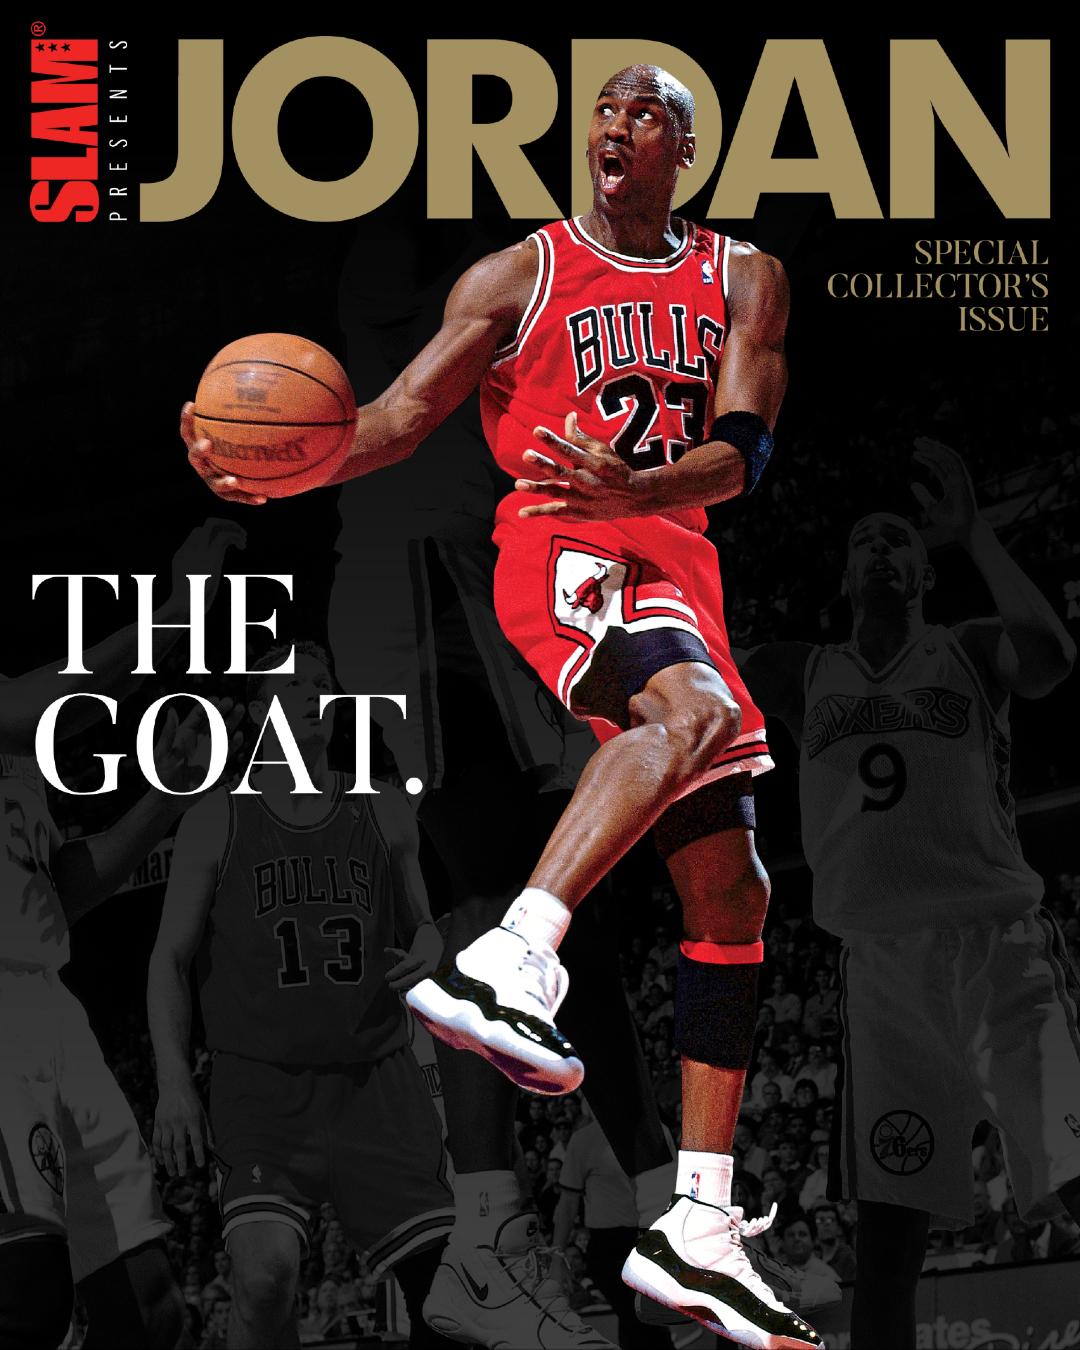 SLAM Presents JORDAN Special